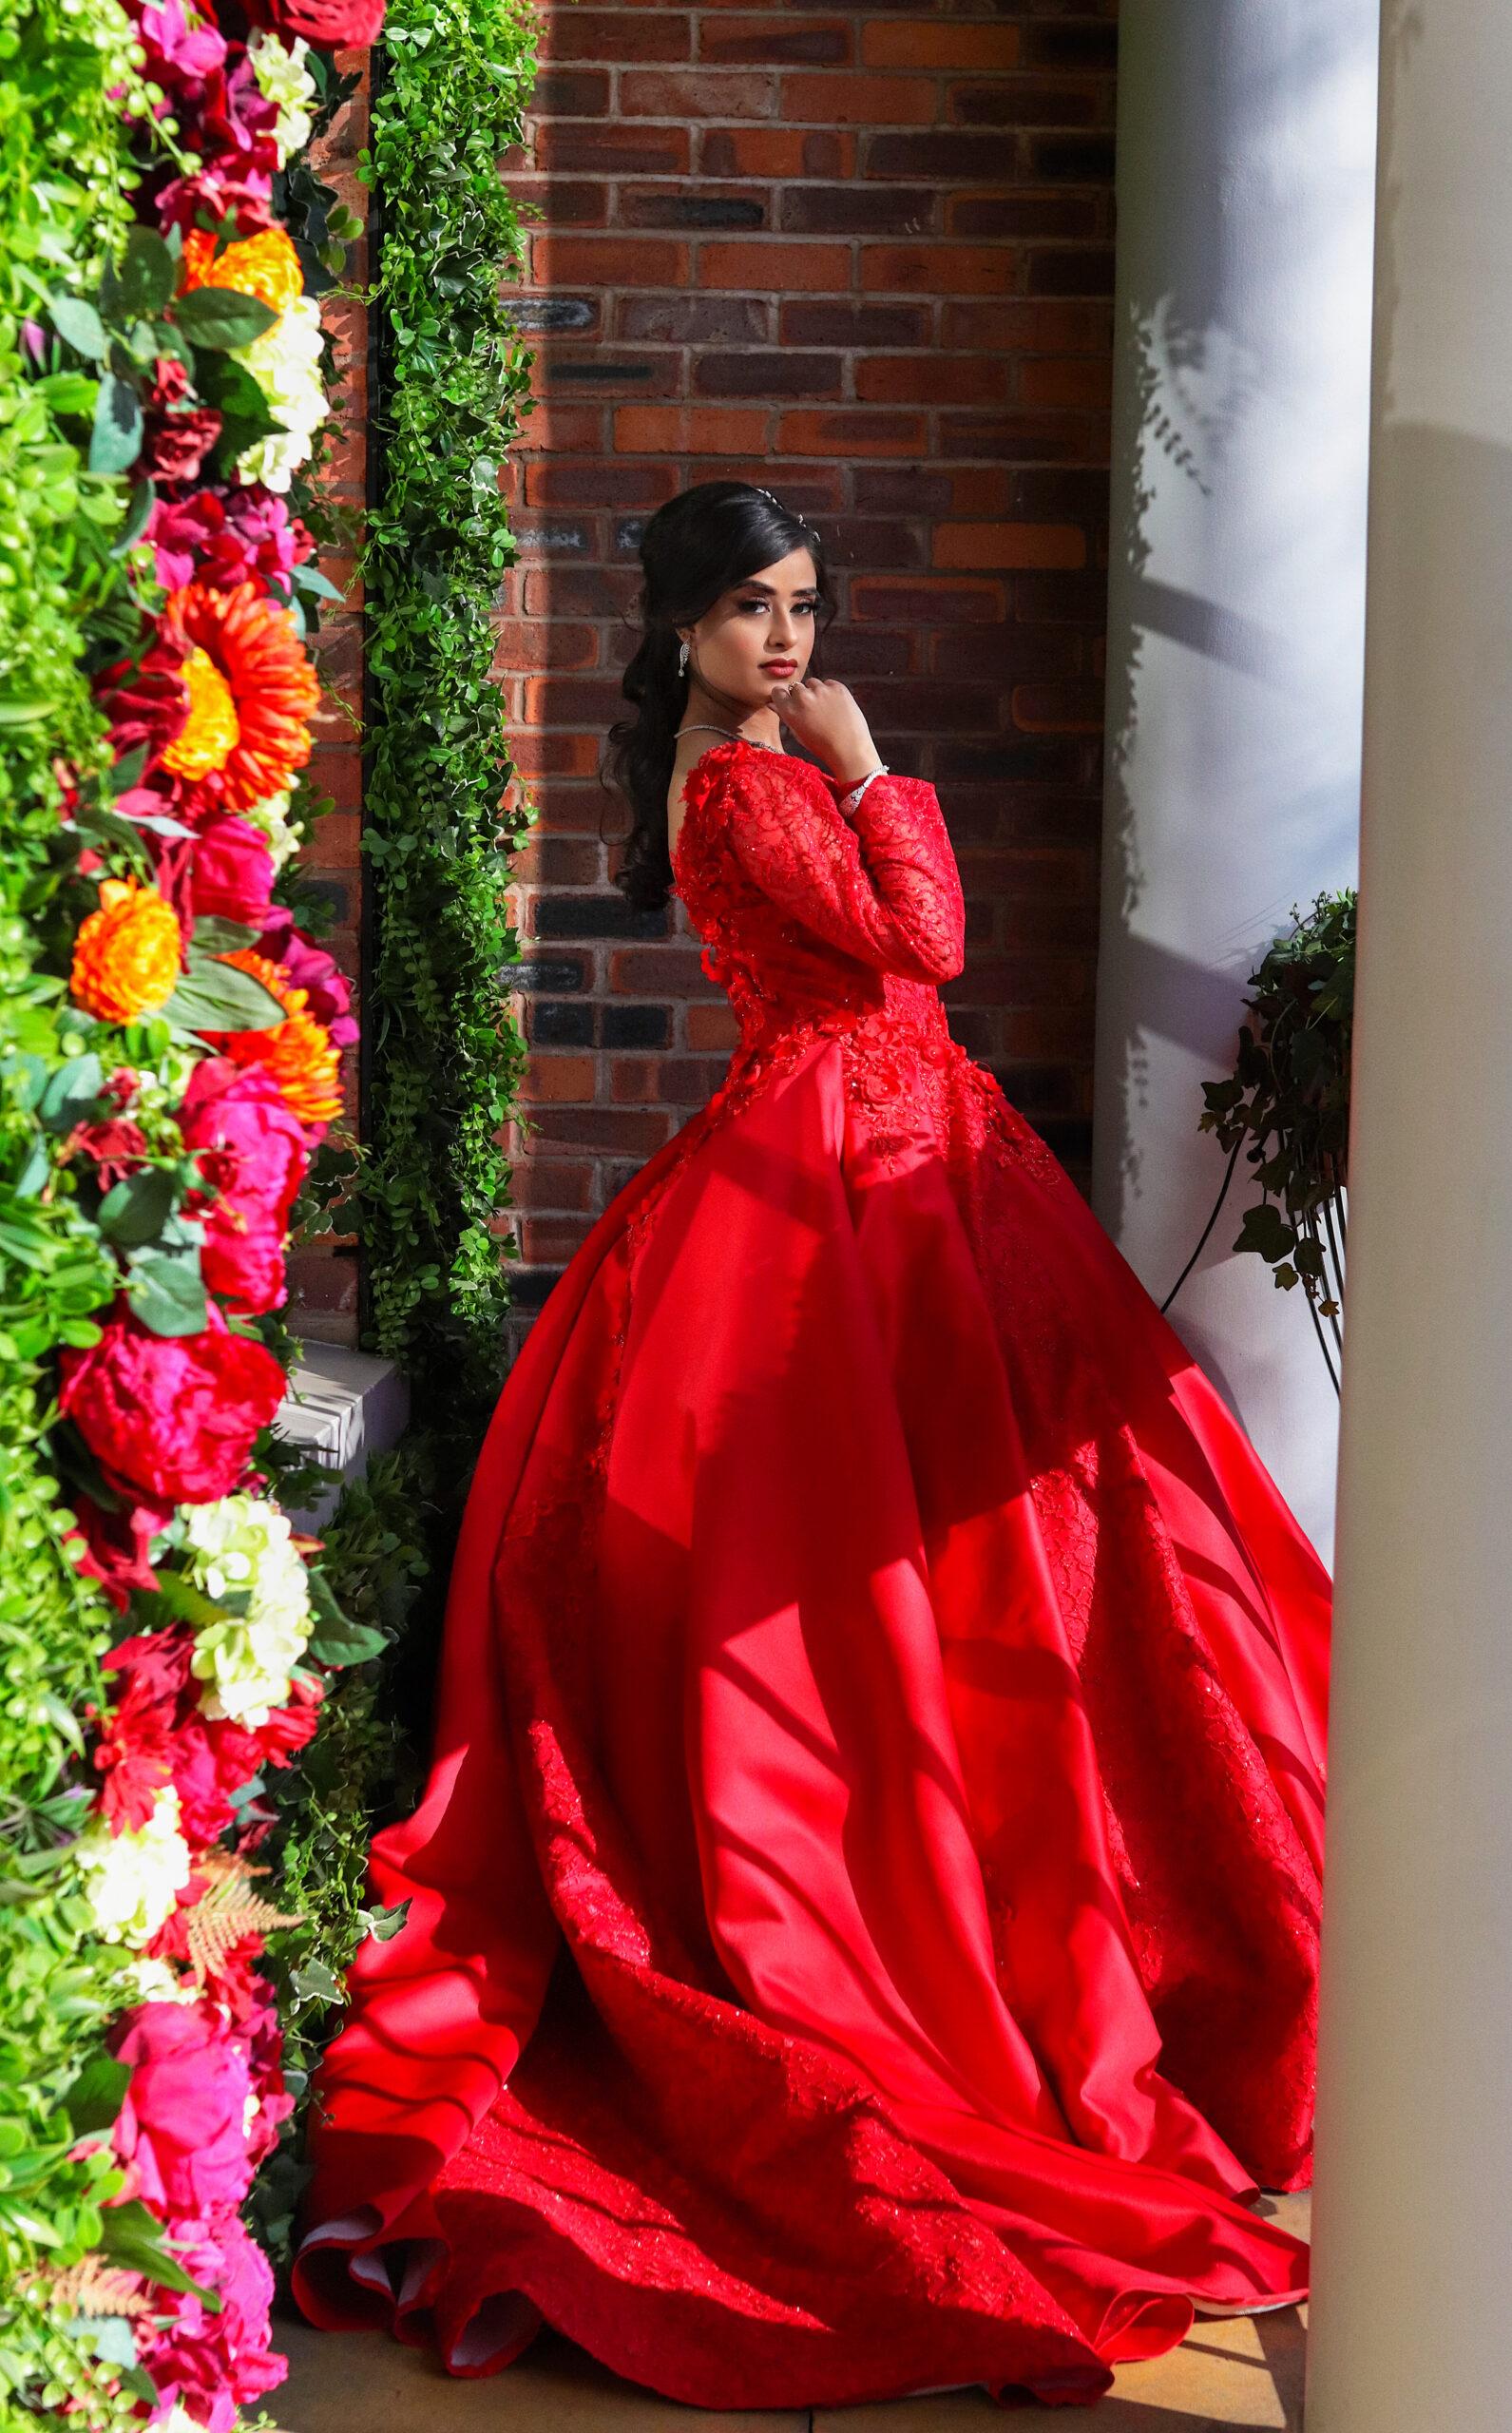 Red wedding dress at Saint Pauls